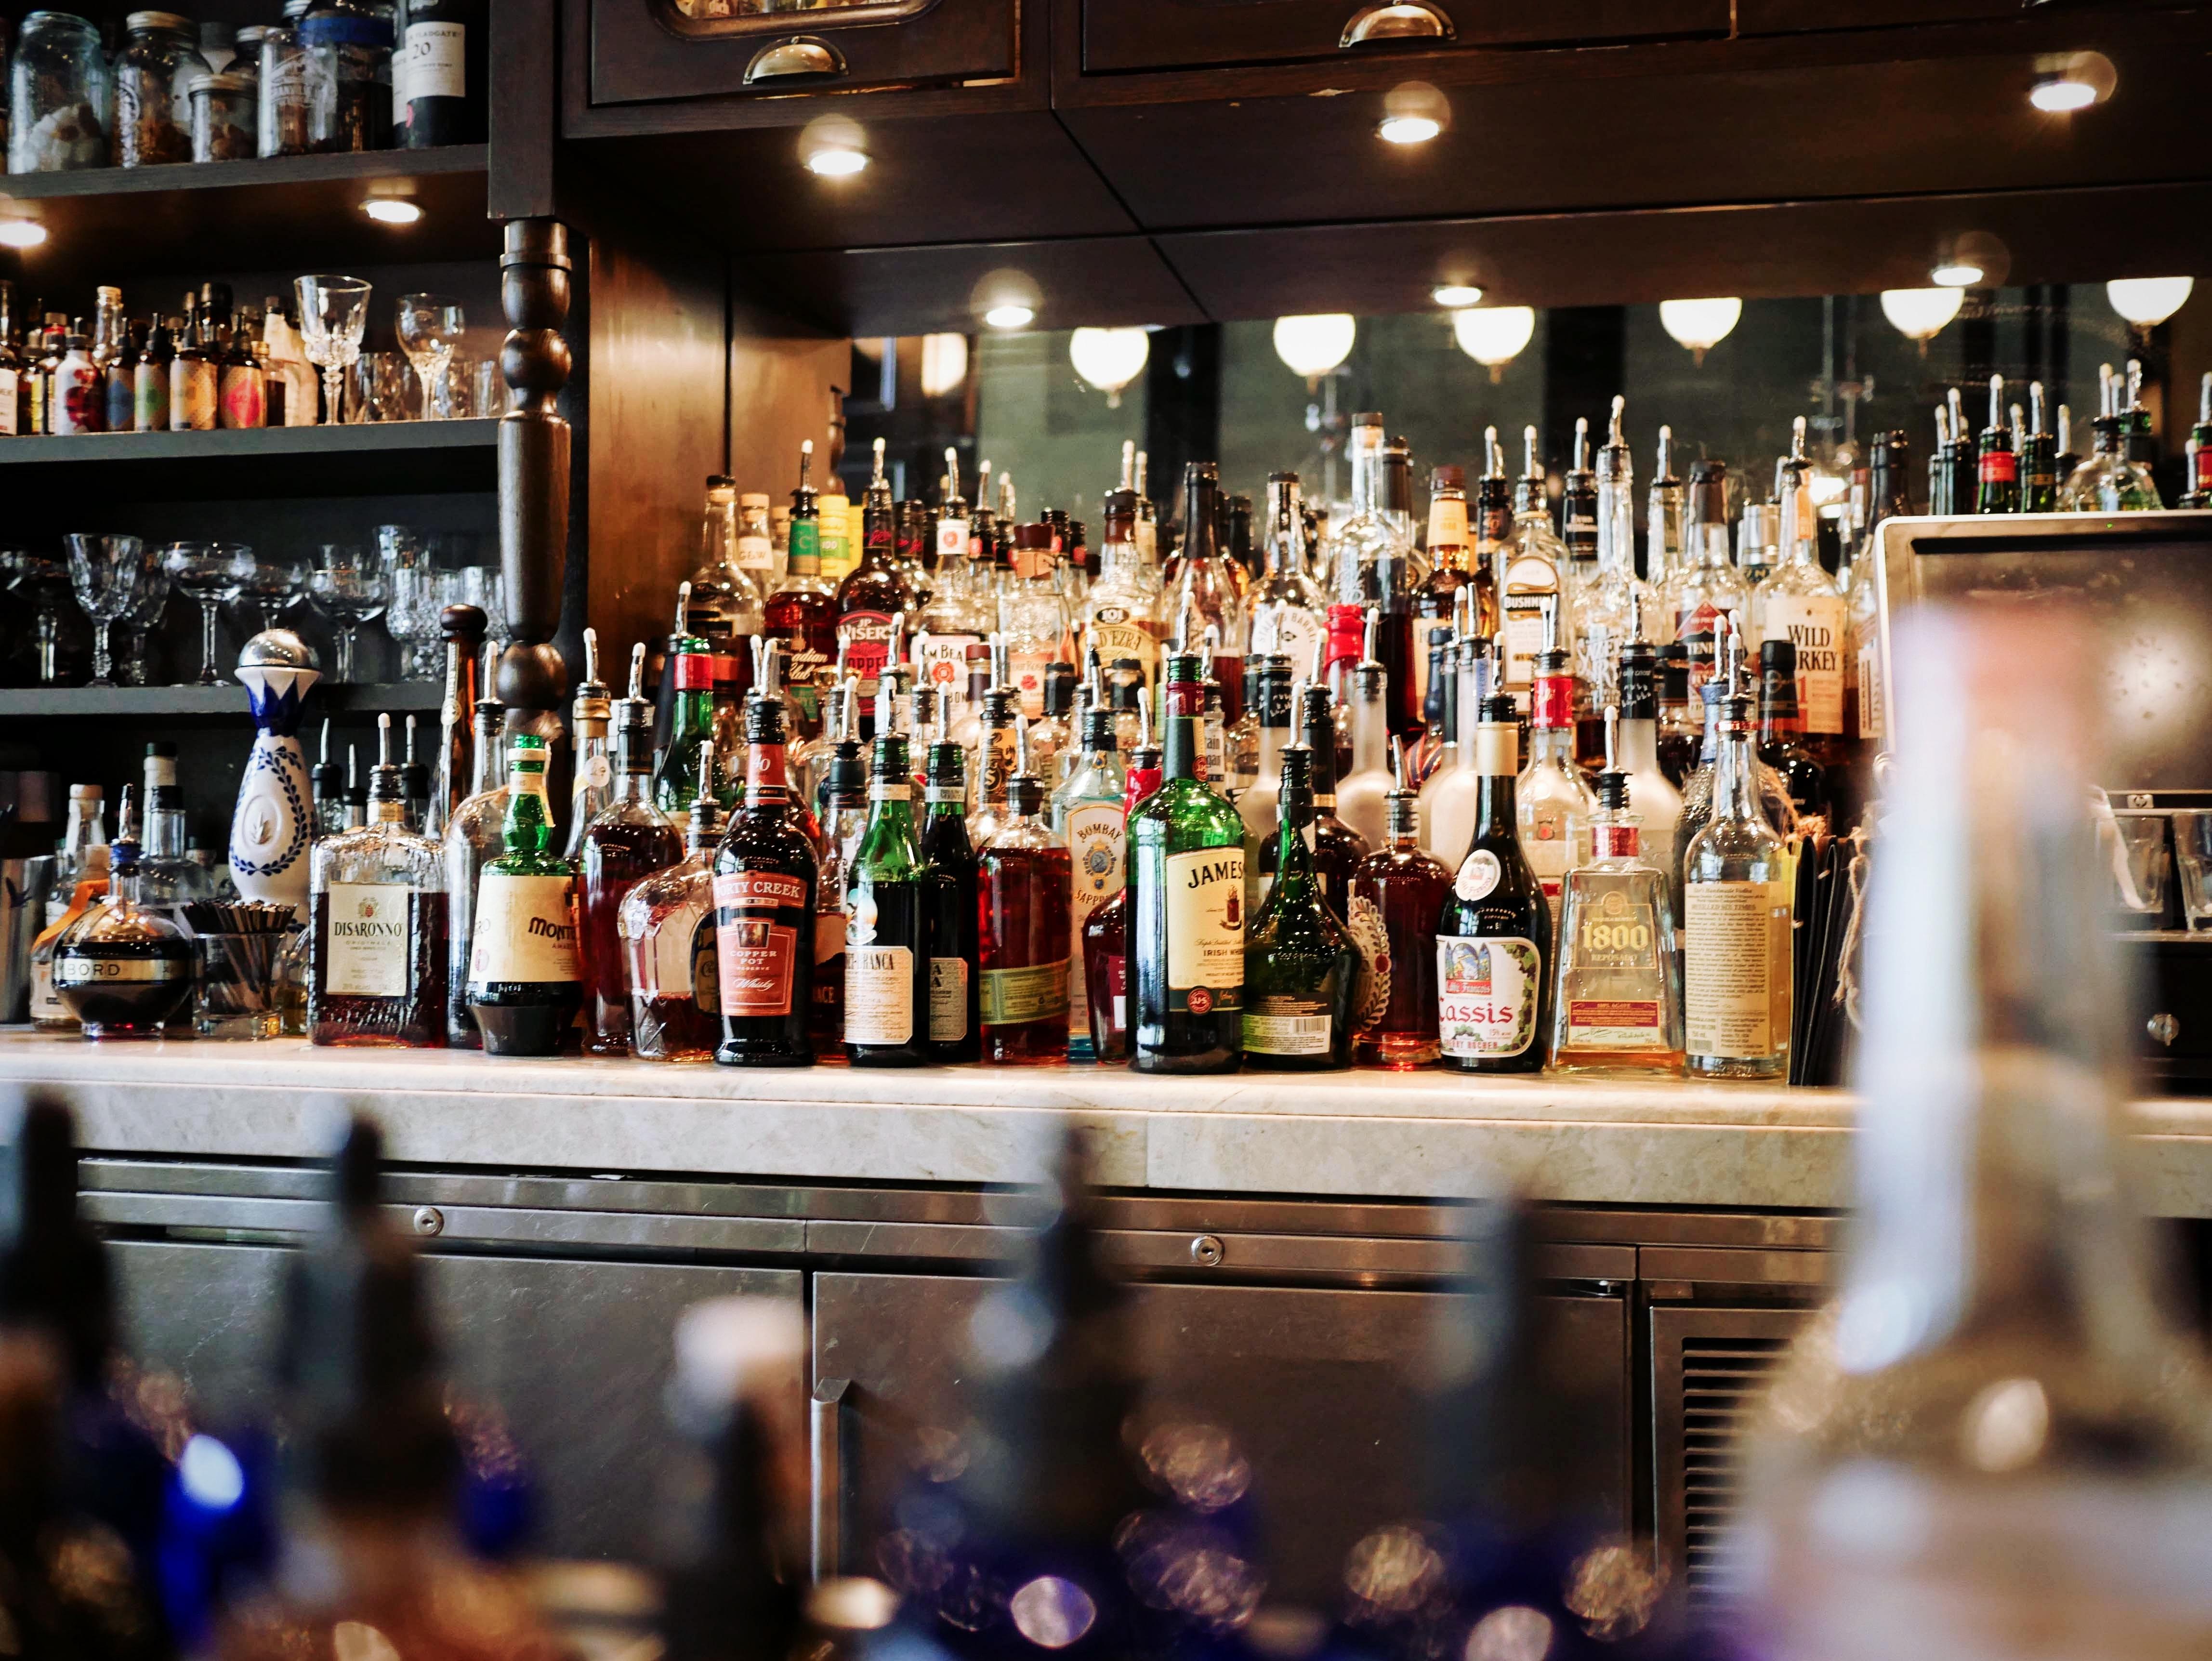 Free Images : bar, counter, drink, beer, bartender, shelves, drinks ...